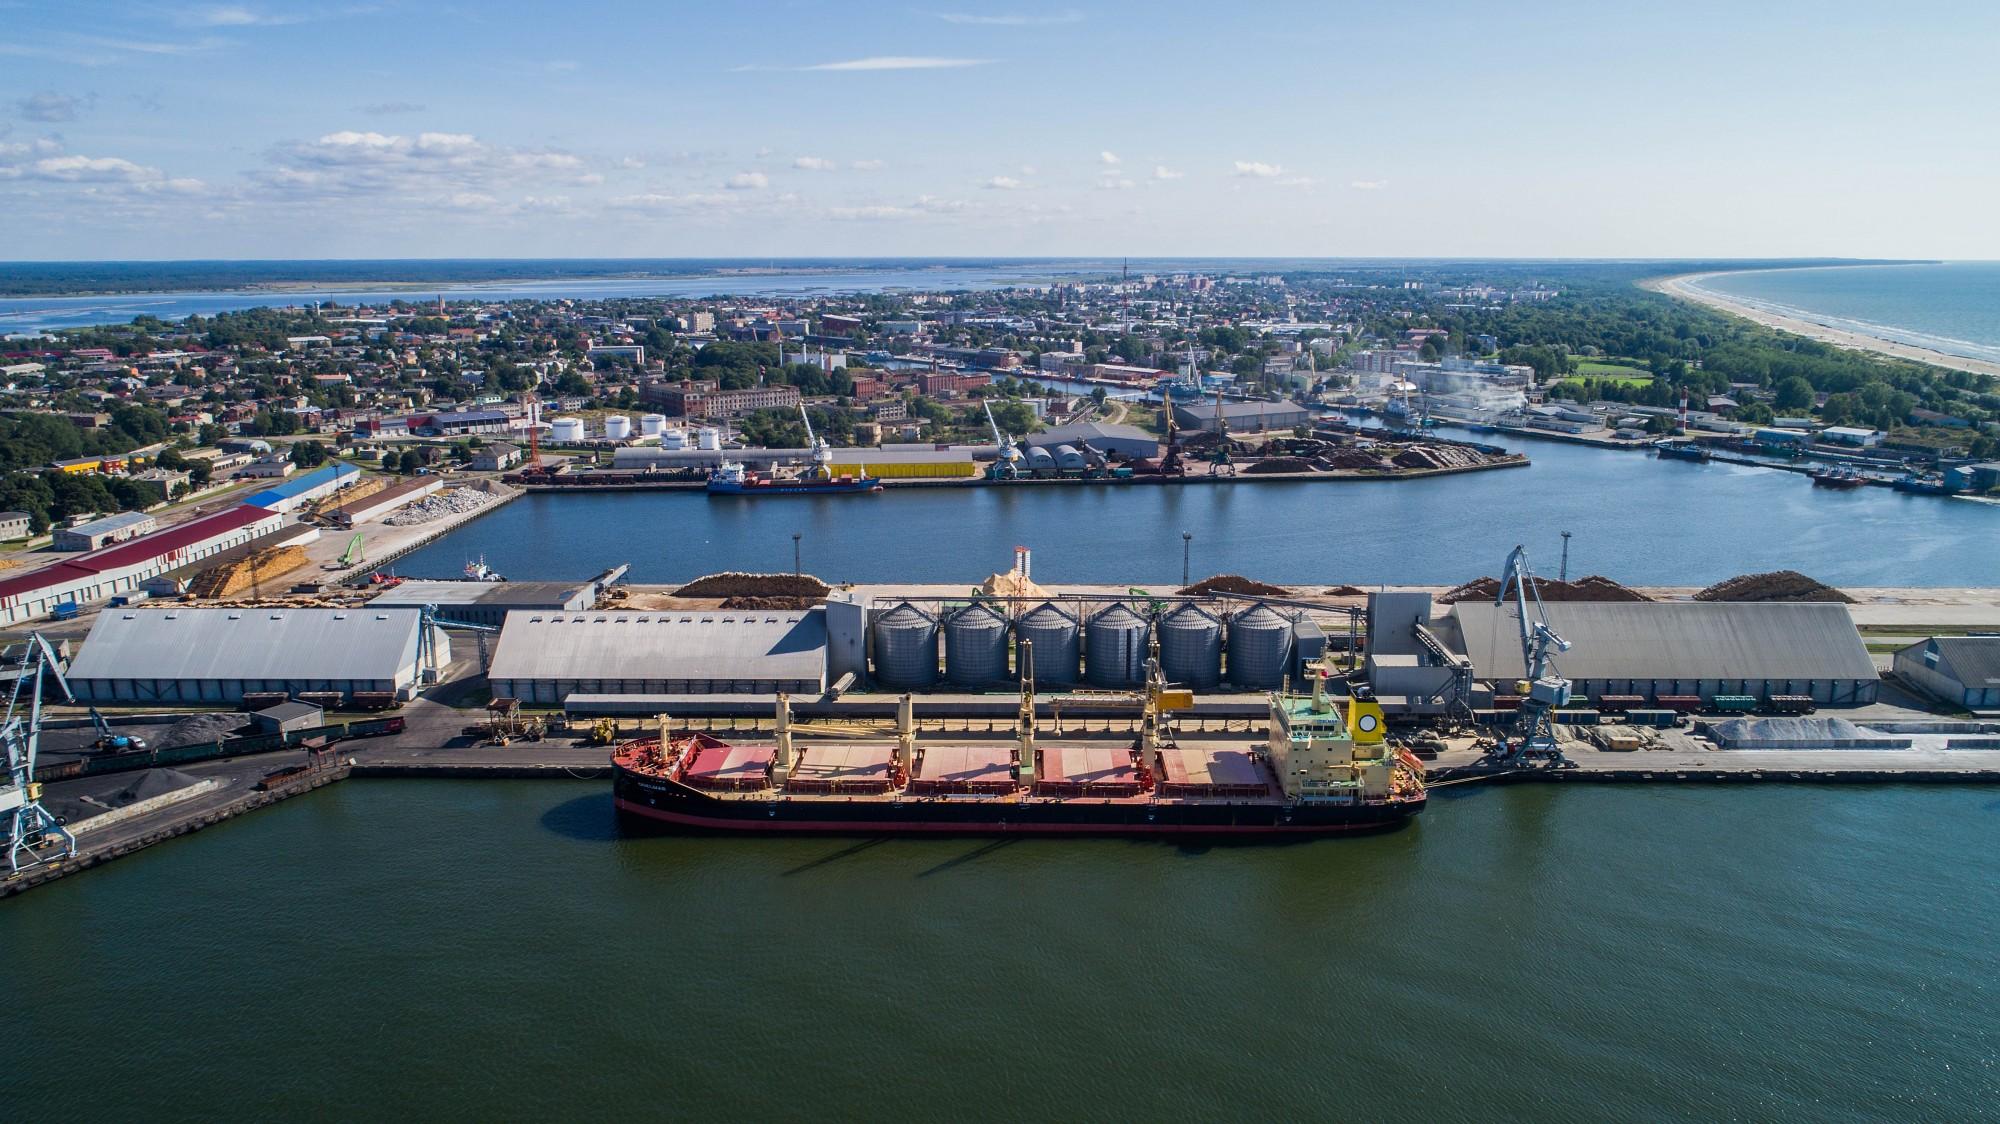 Liepājas ostā pērn pārkrāva par 2,7% mazāk kravu